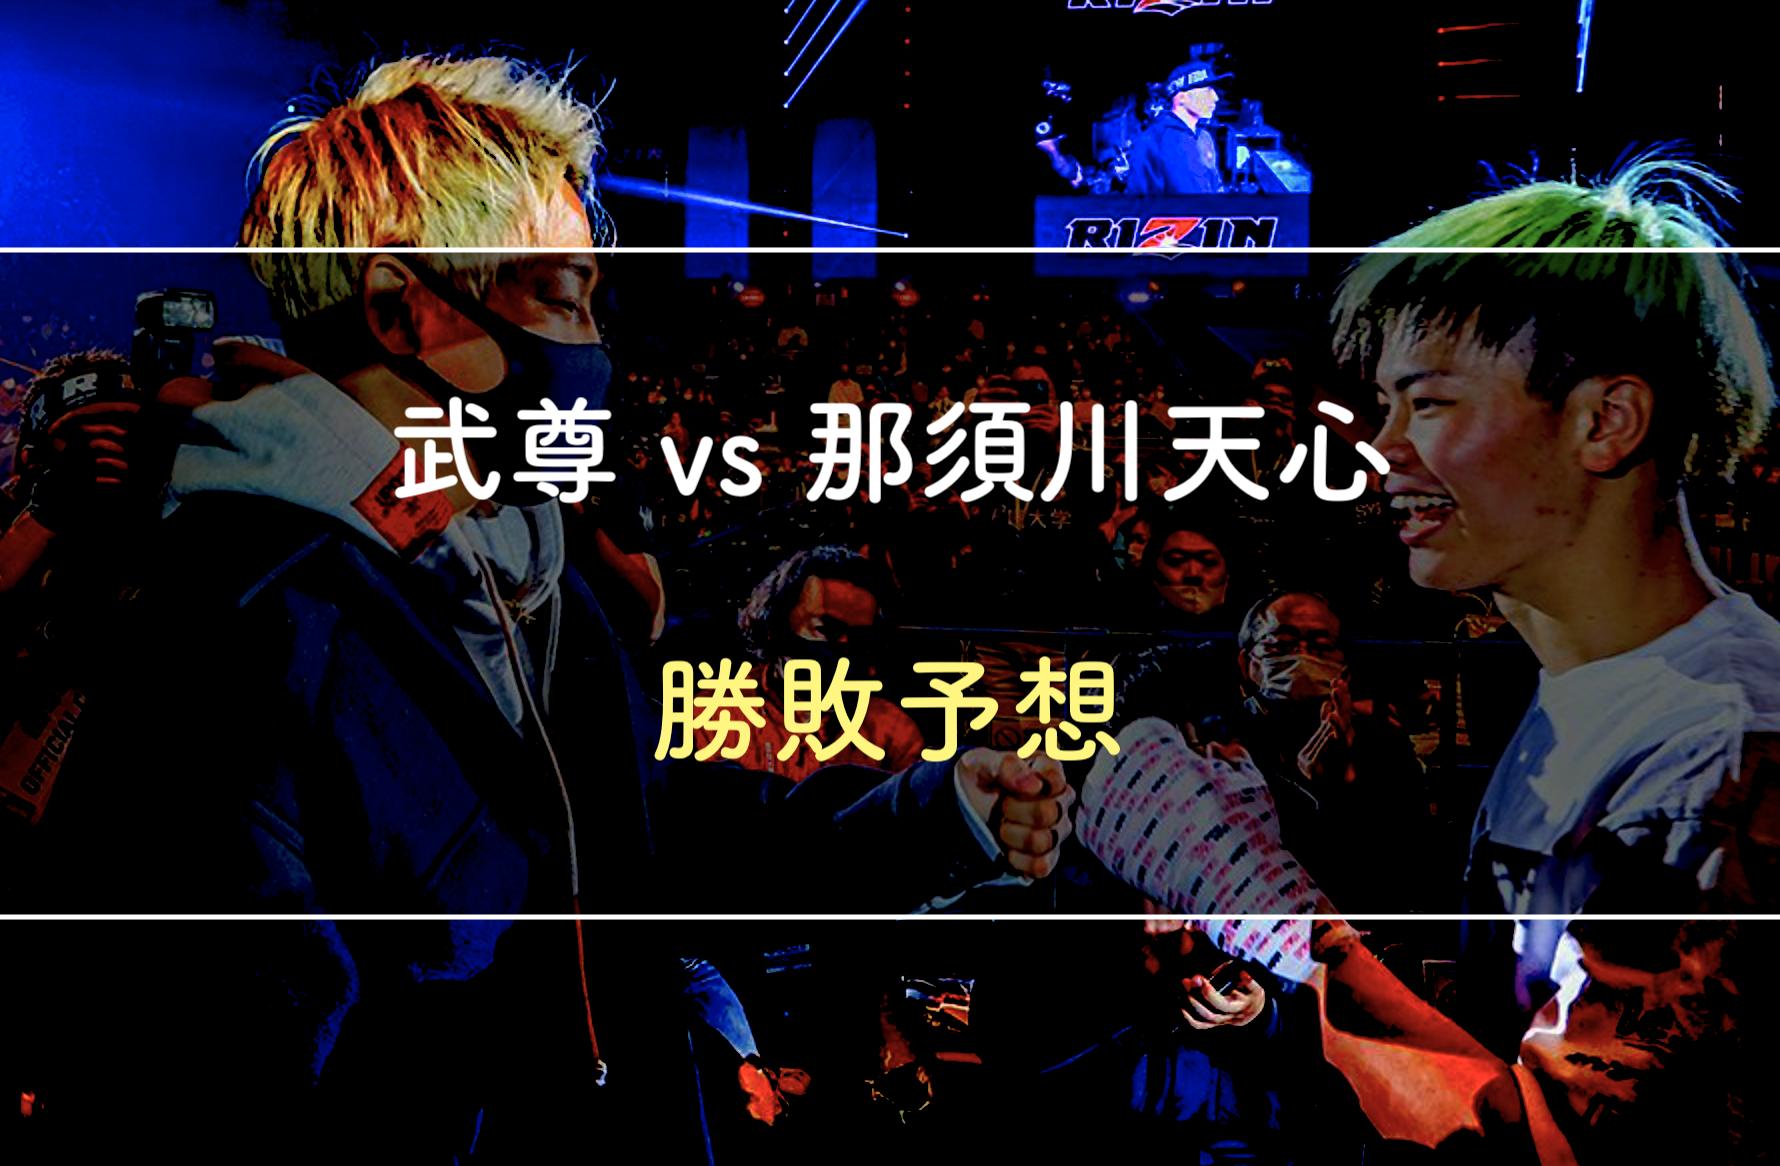 【勝敗予想】武尊vs那須川天心|元格闘家が徹底解説します